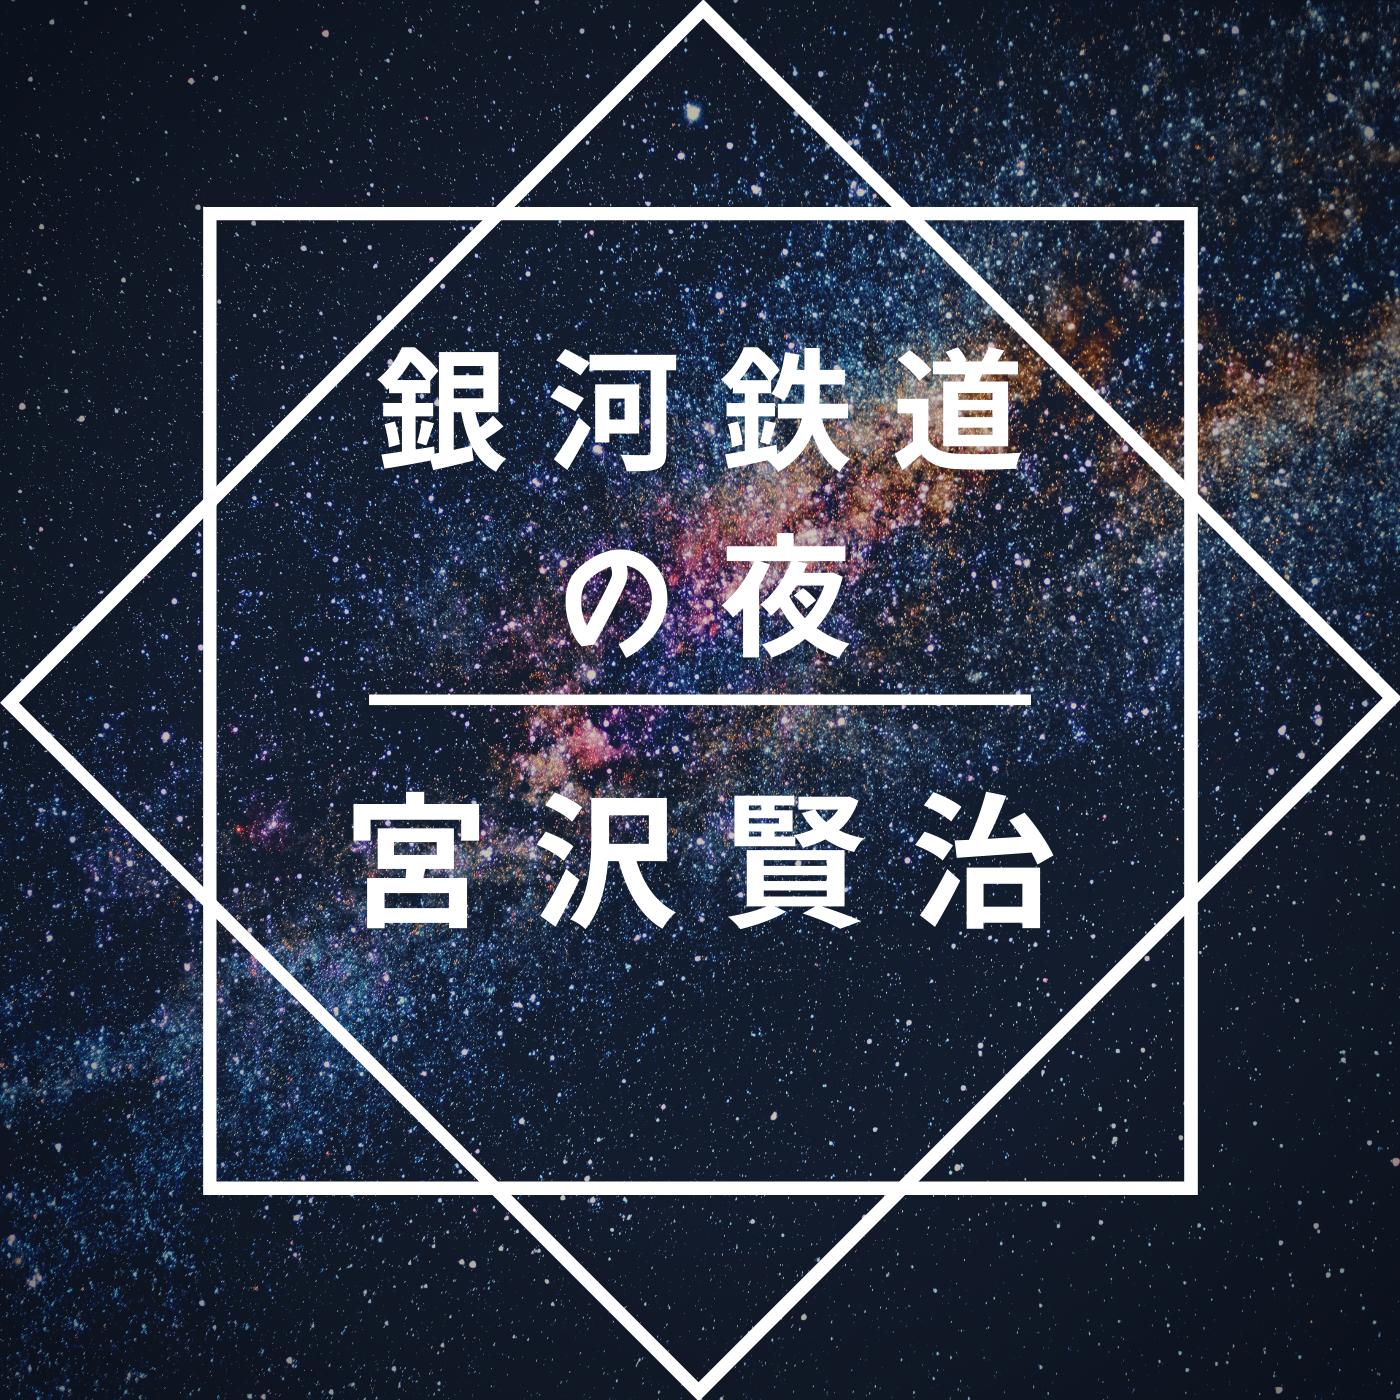 宮沢賢治「銀河鉄道の夜」のあらすじを徹底解説、読んでみた感想